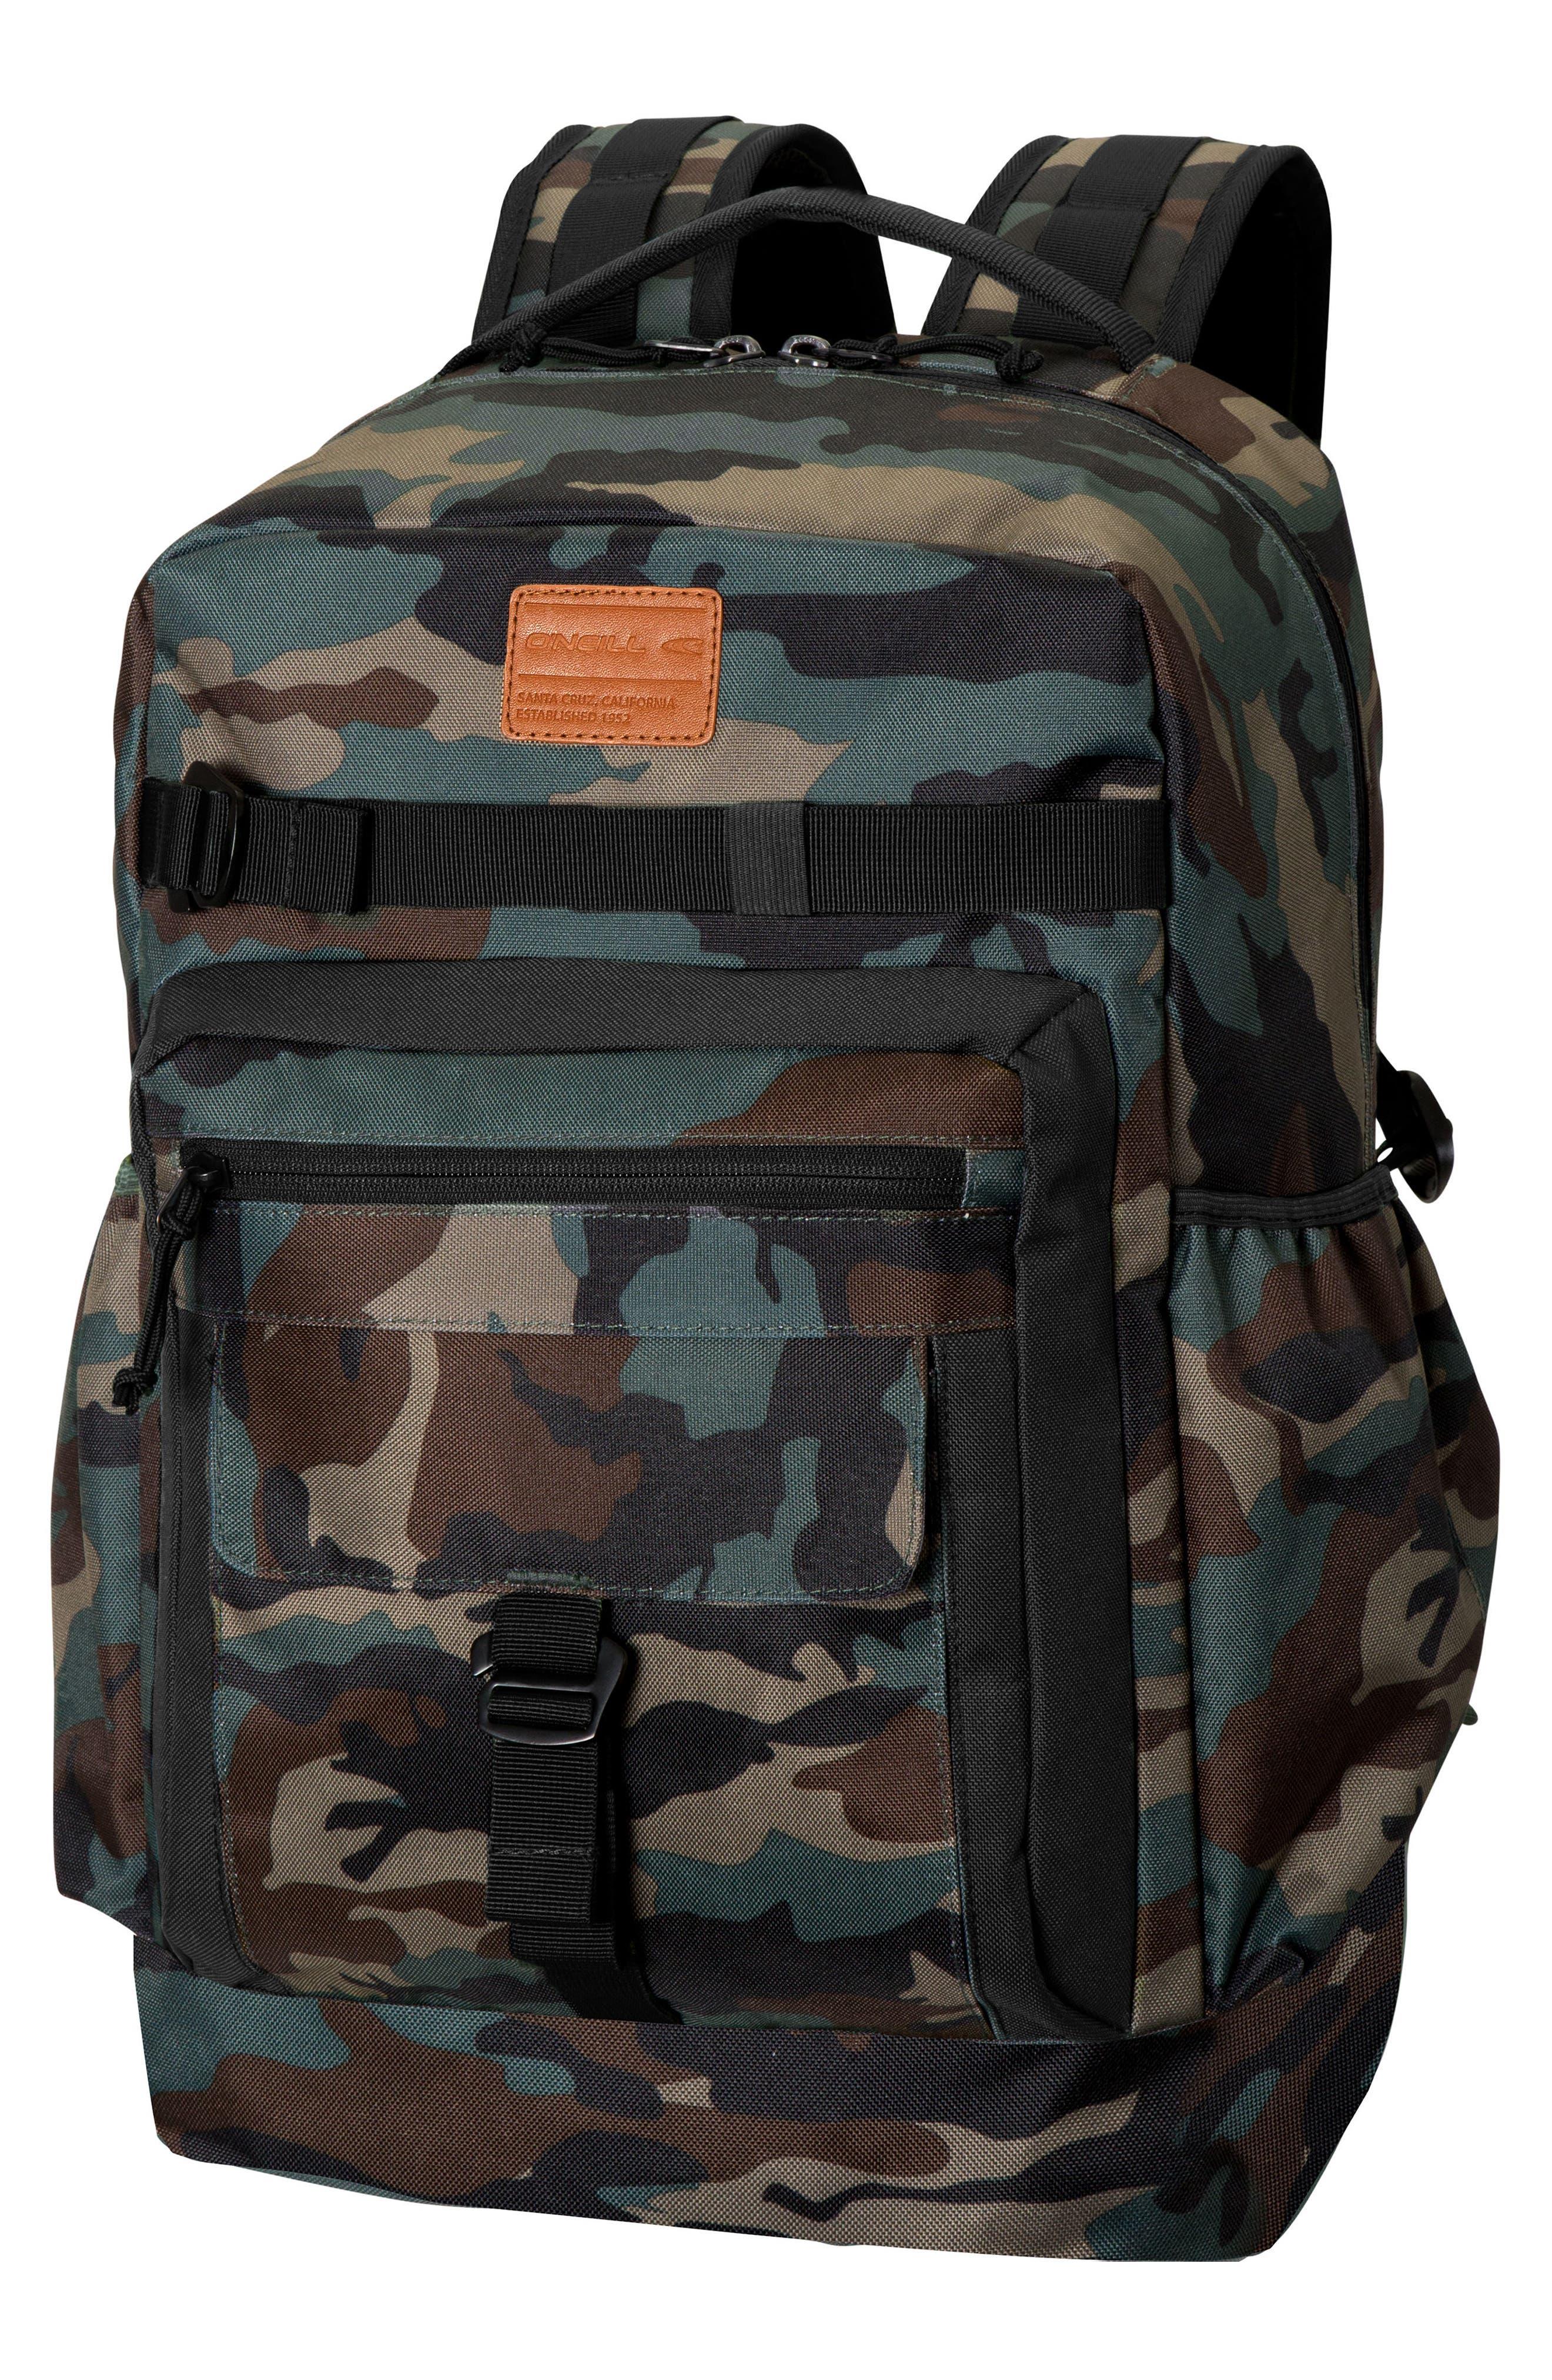 Morro Backpack,                             Main thumbnail 1, color,                             Camo